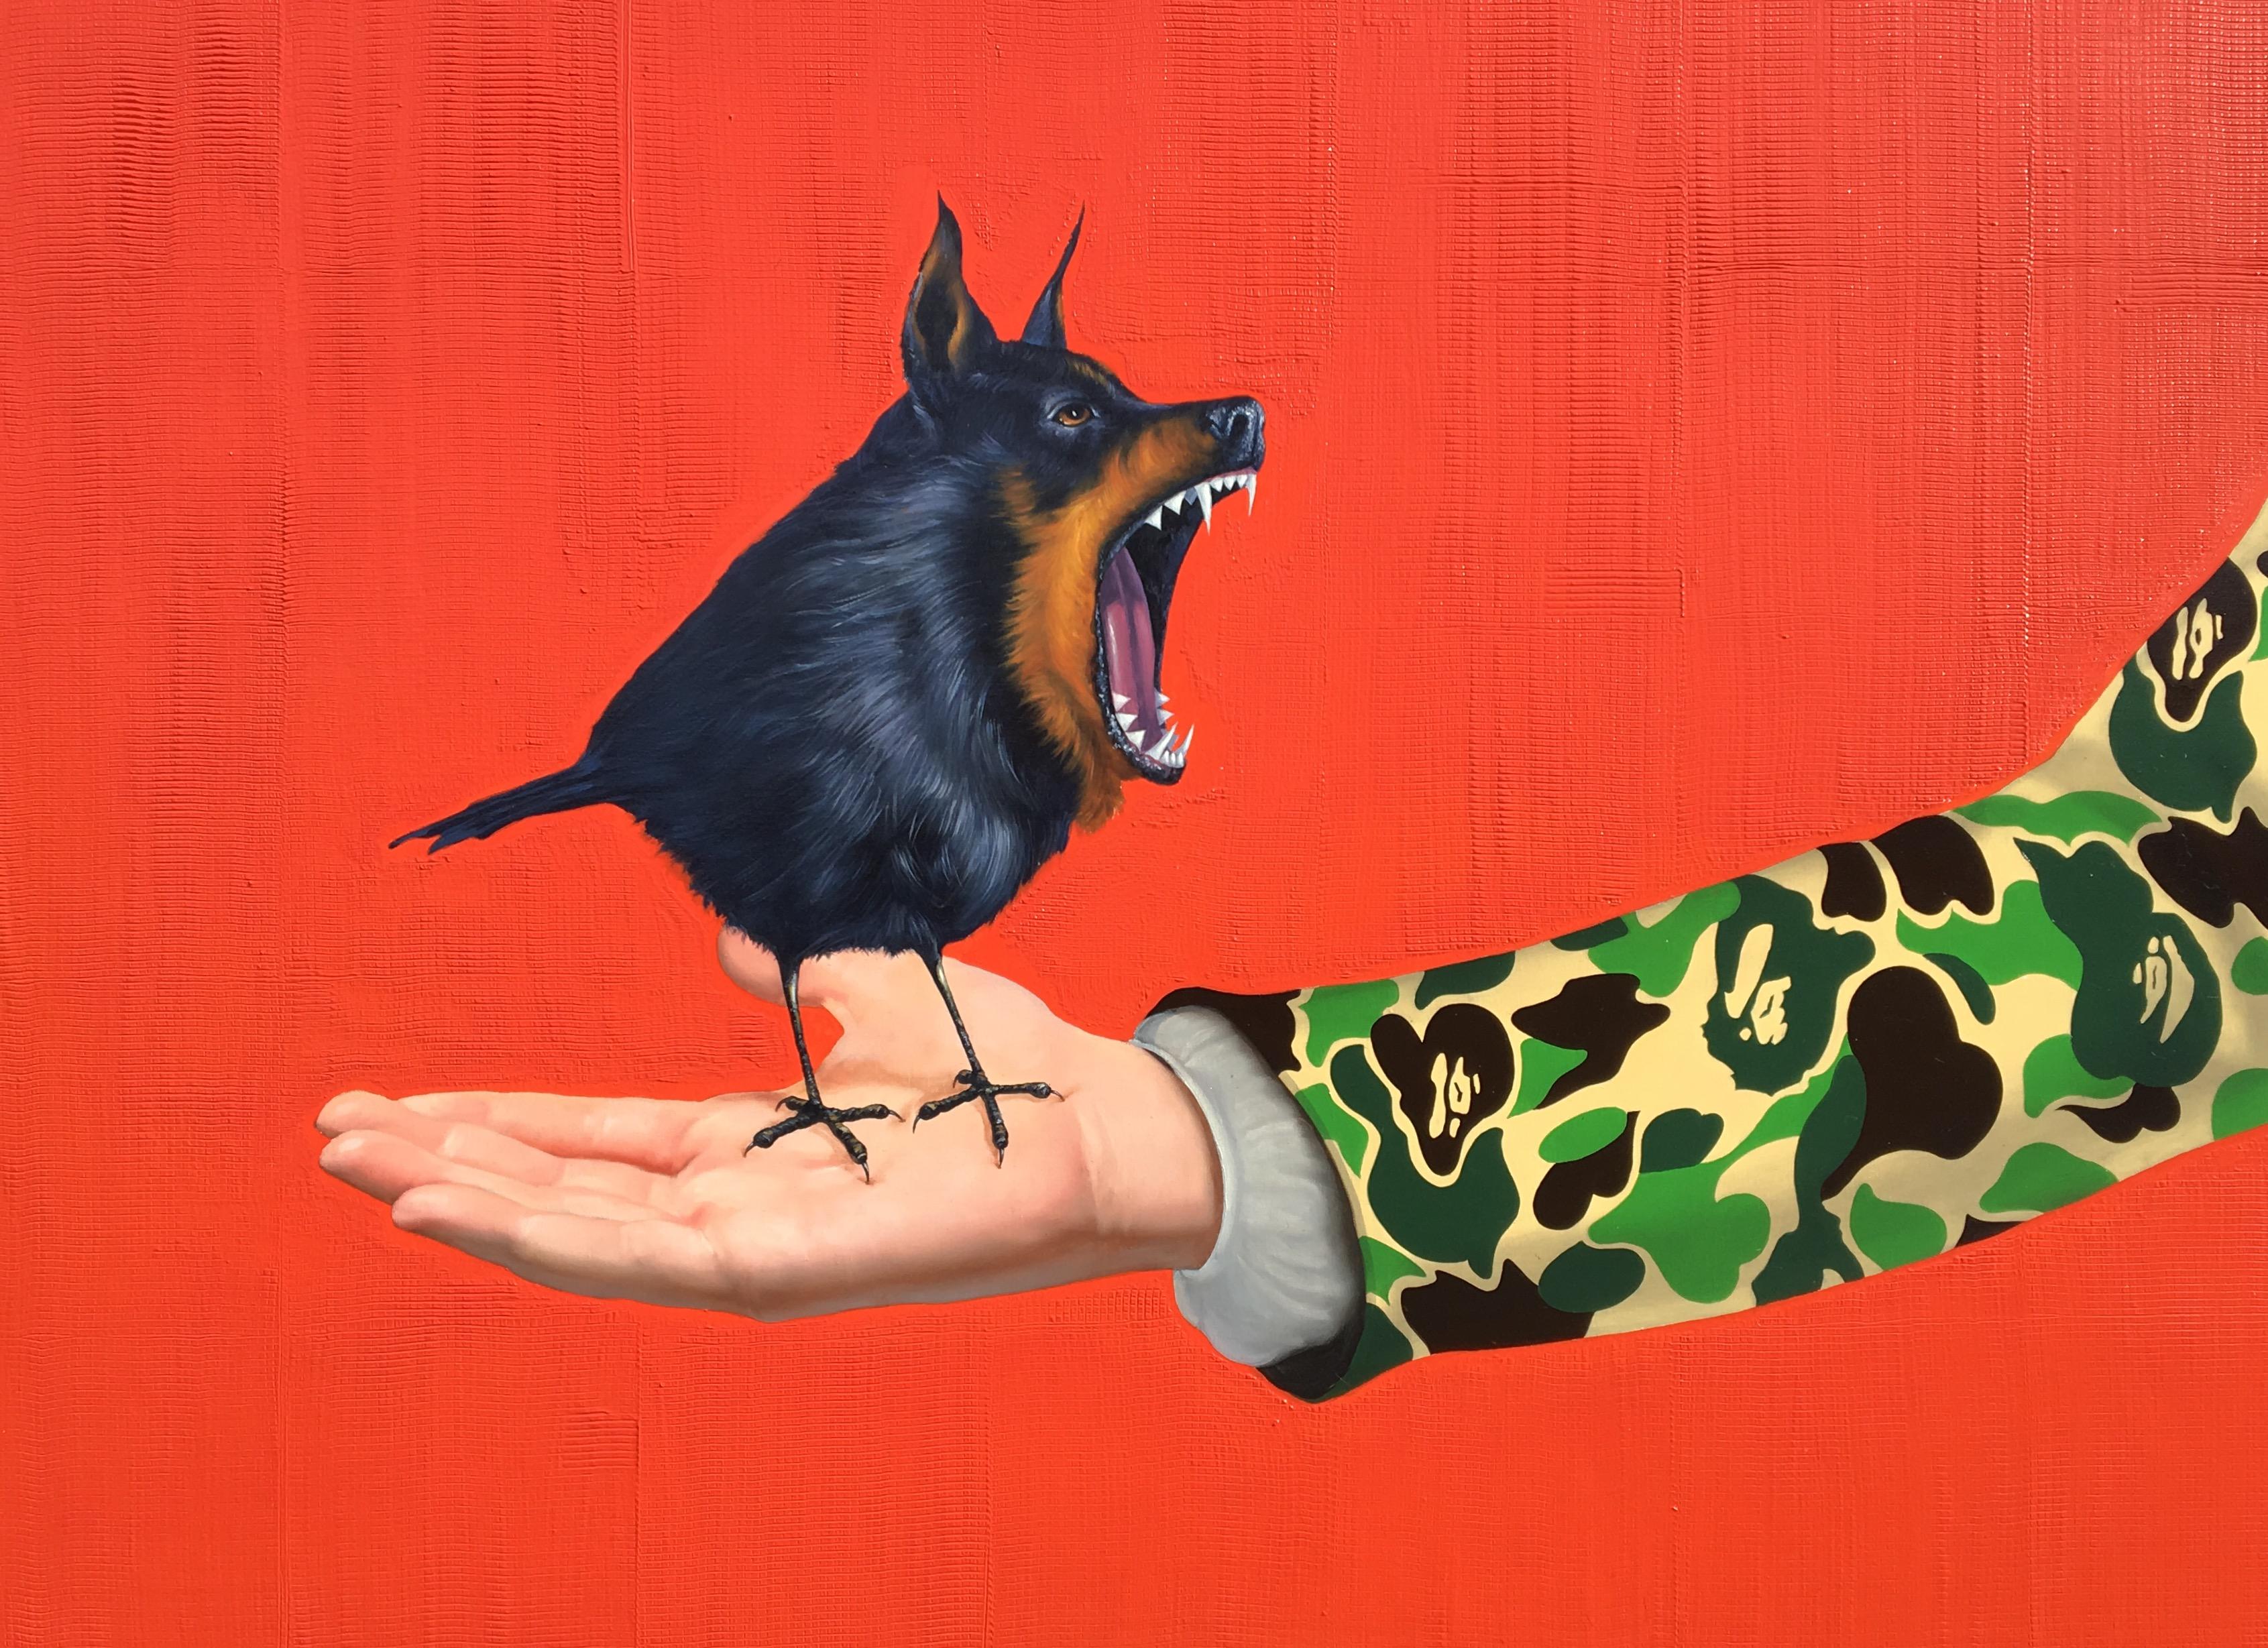 Bird in Hand by Market Price